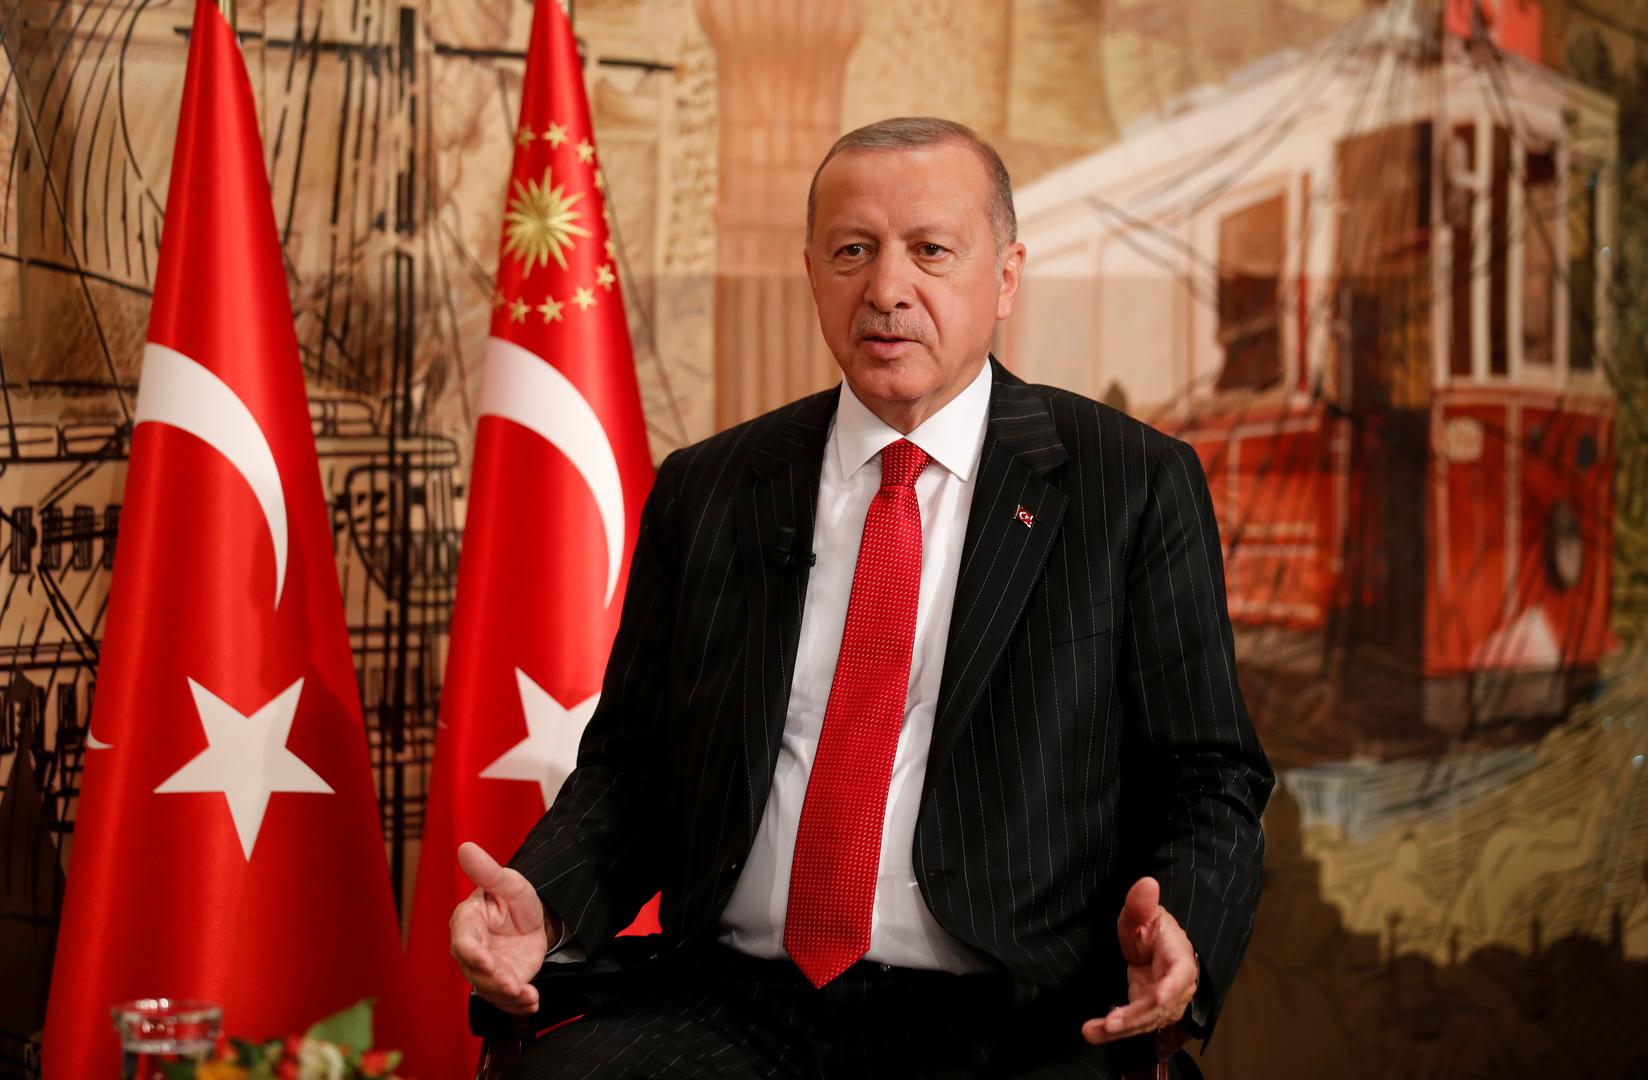 أردوغان: نبحث إبرام اتفاقية جديدة مع حكومة الوفاق الليبية